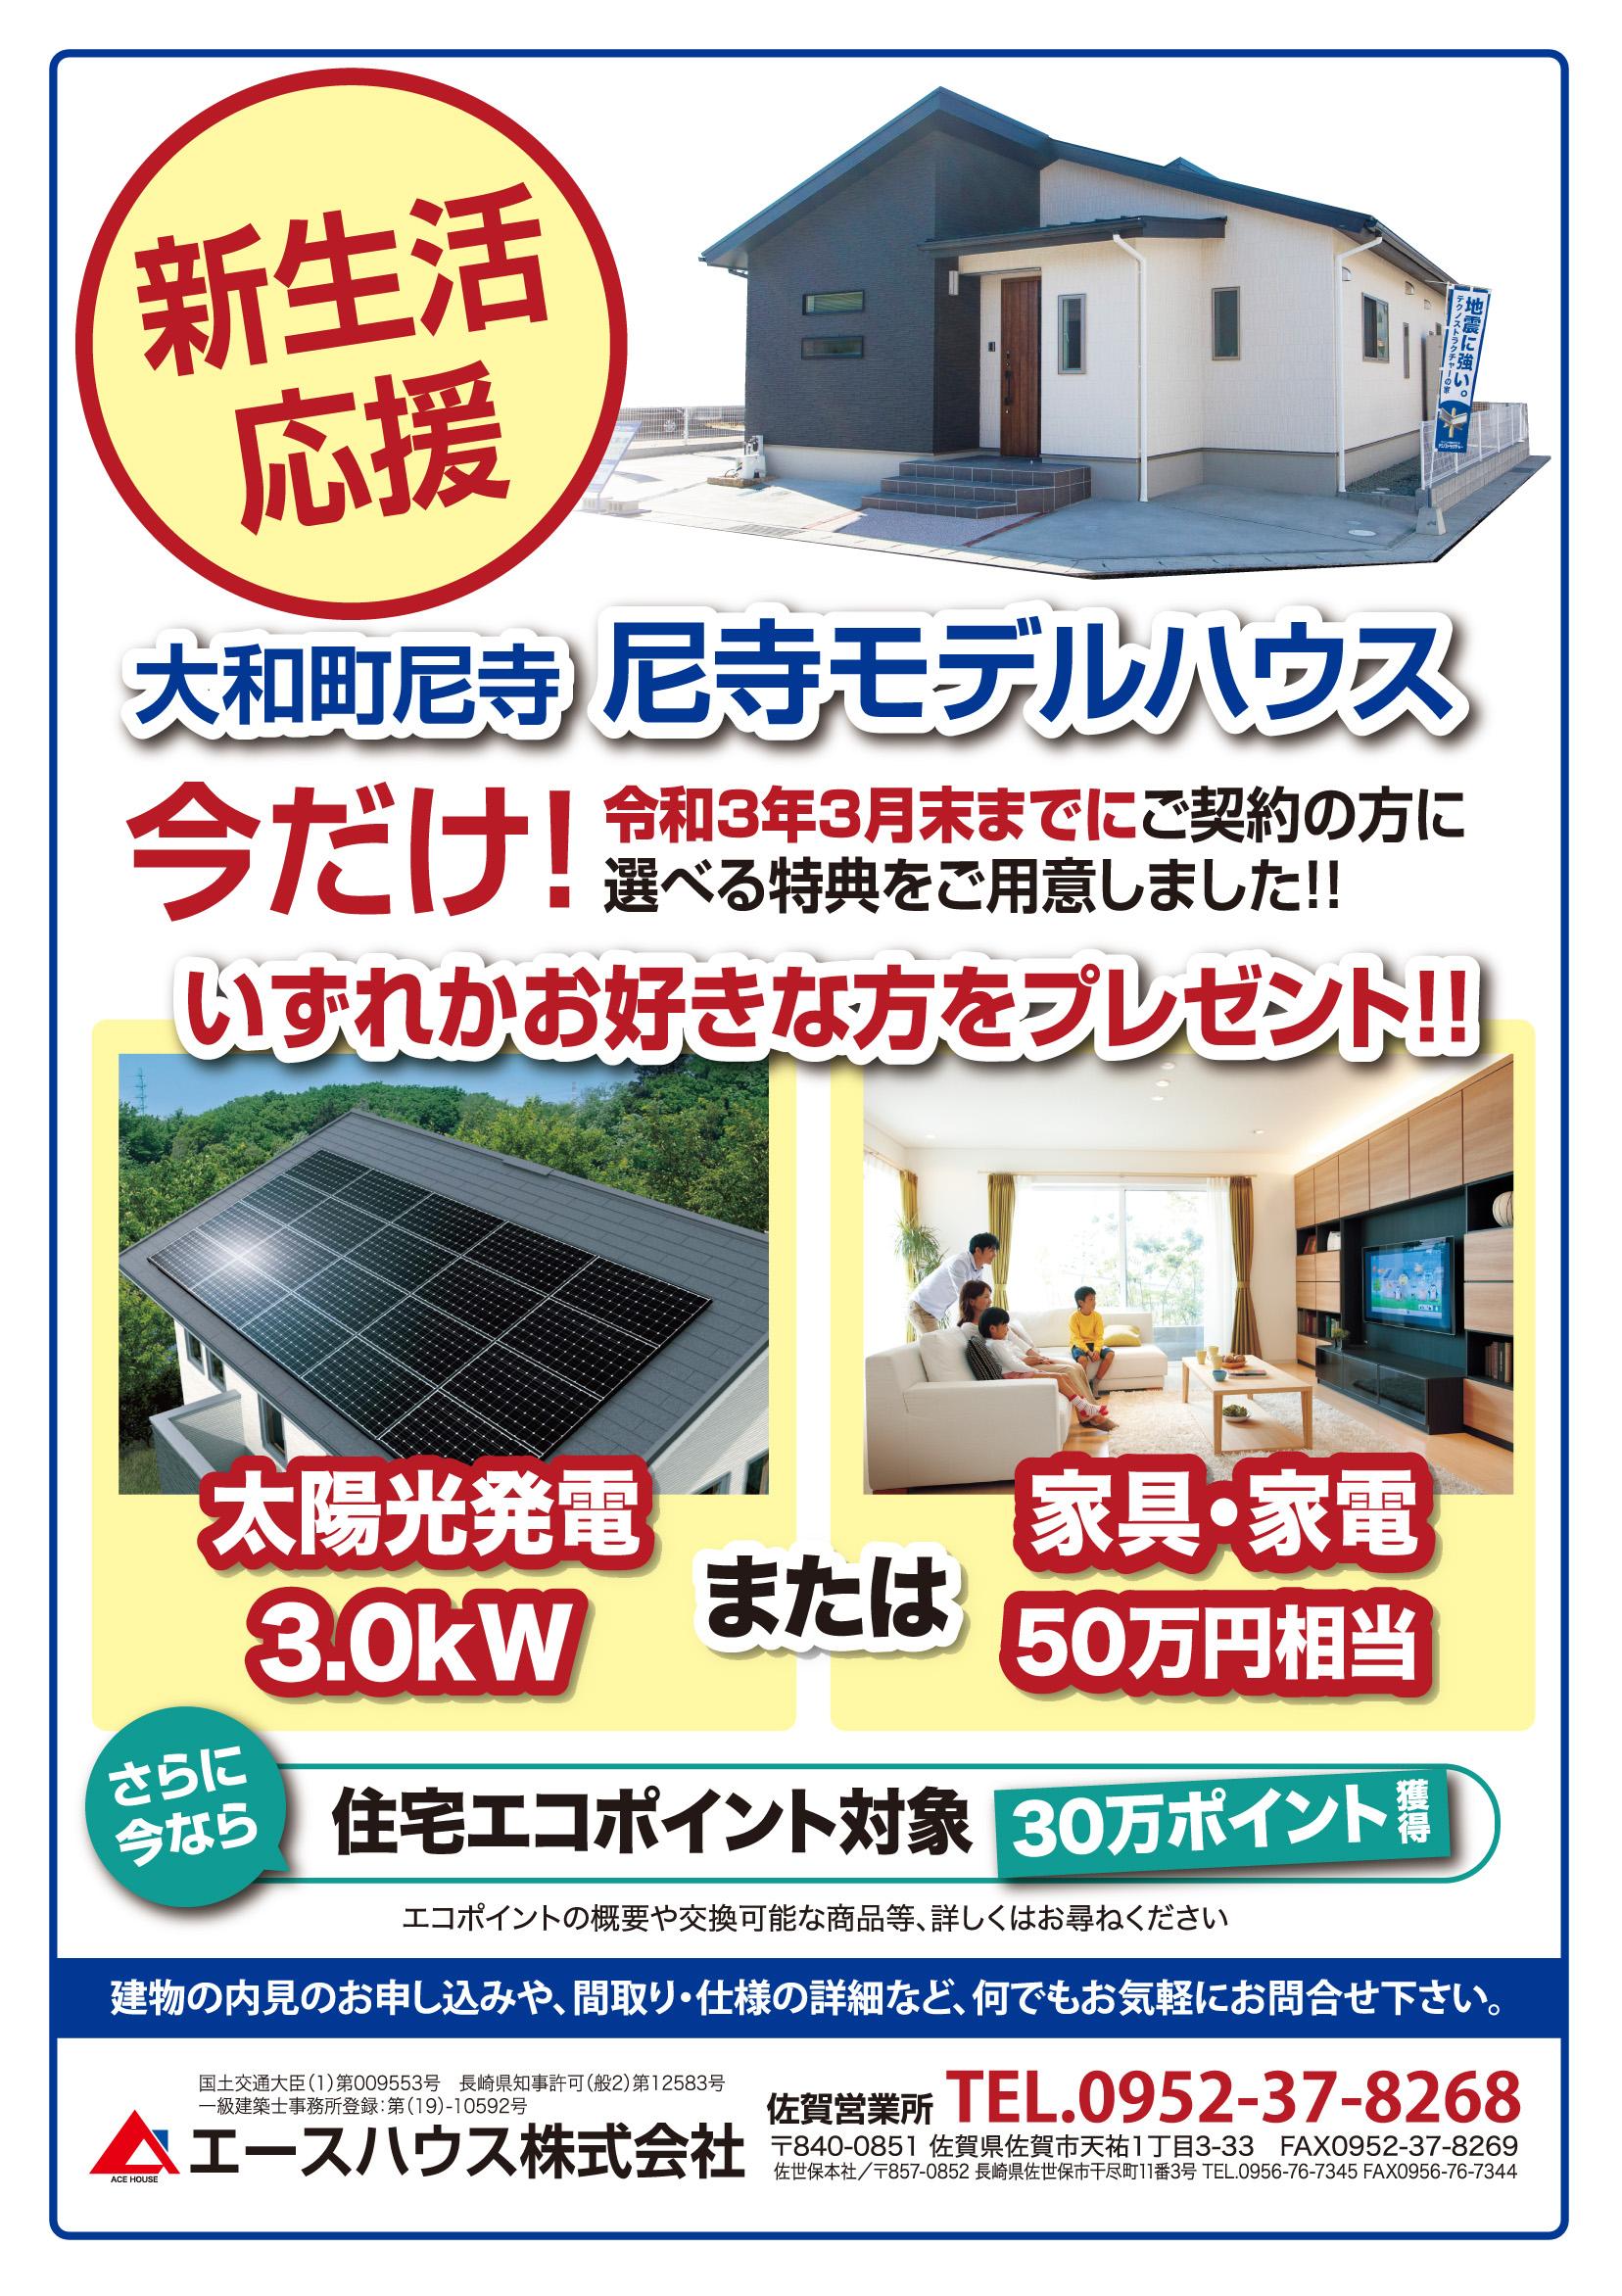 佐賀モデルハウスキャンペーン